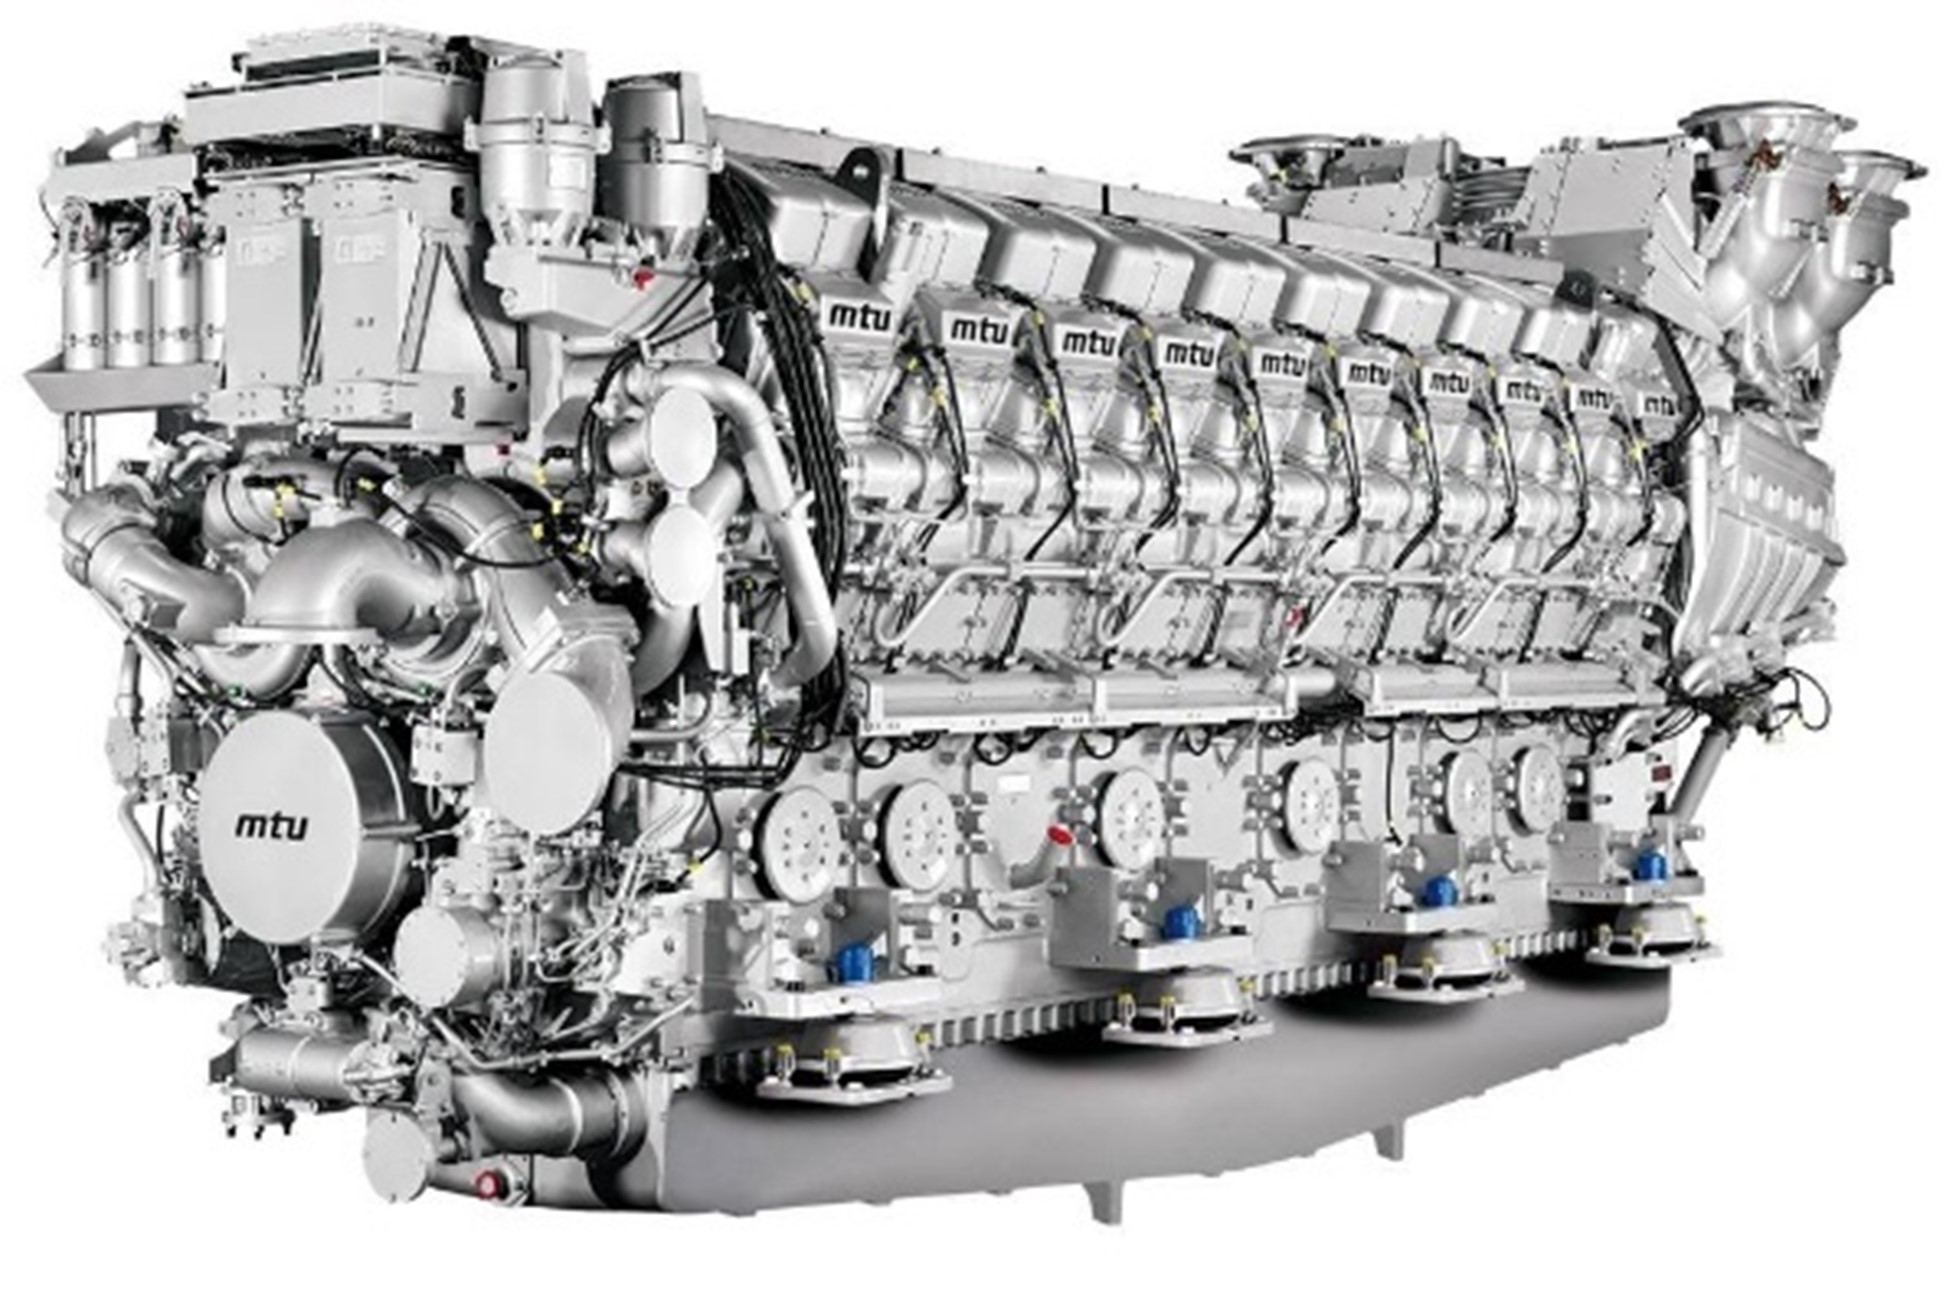 High-speed marine diesel engine